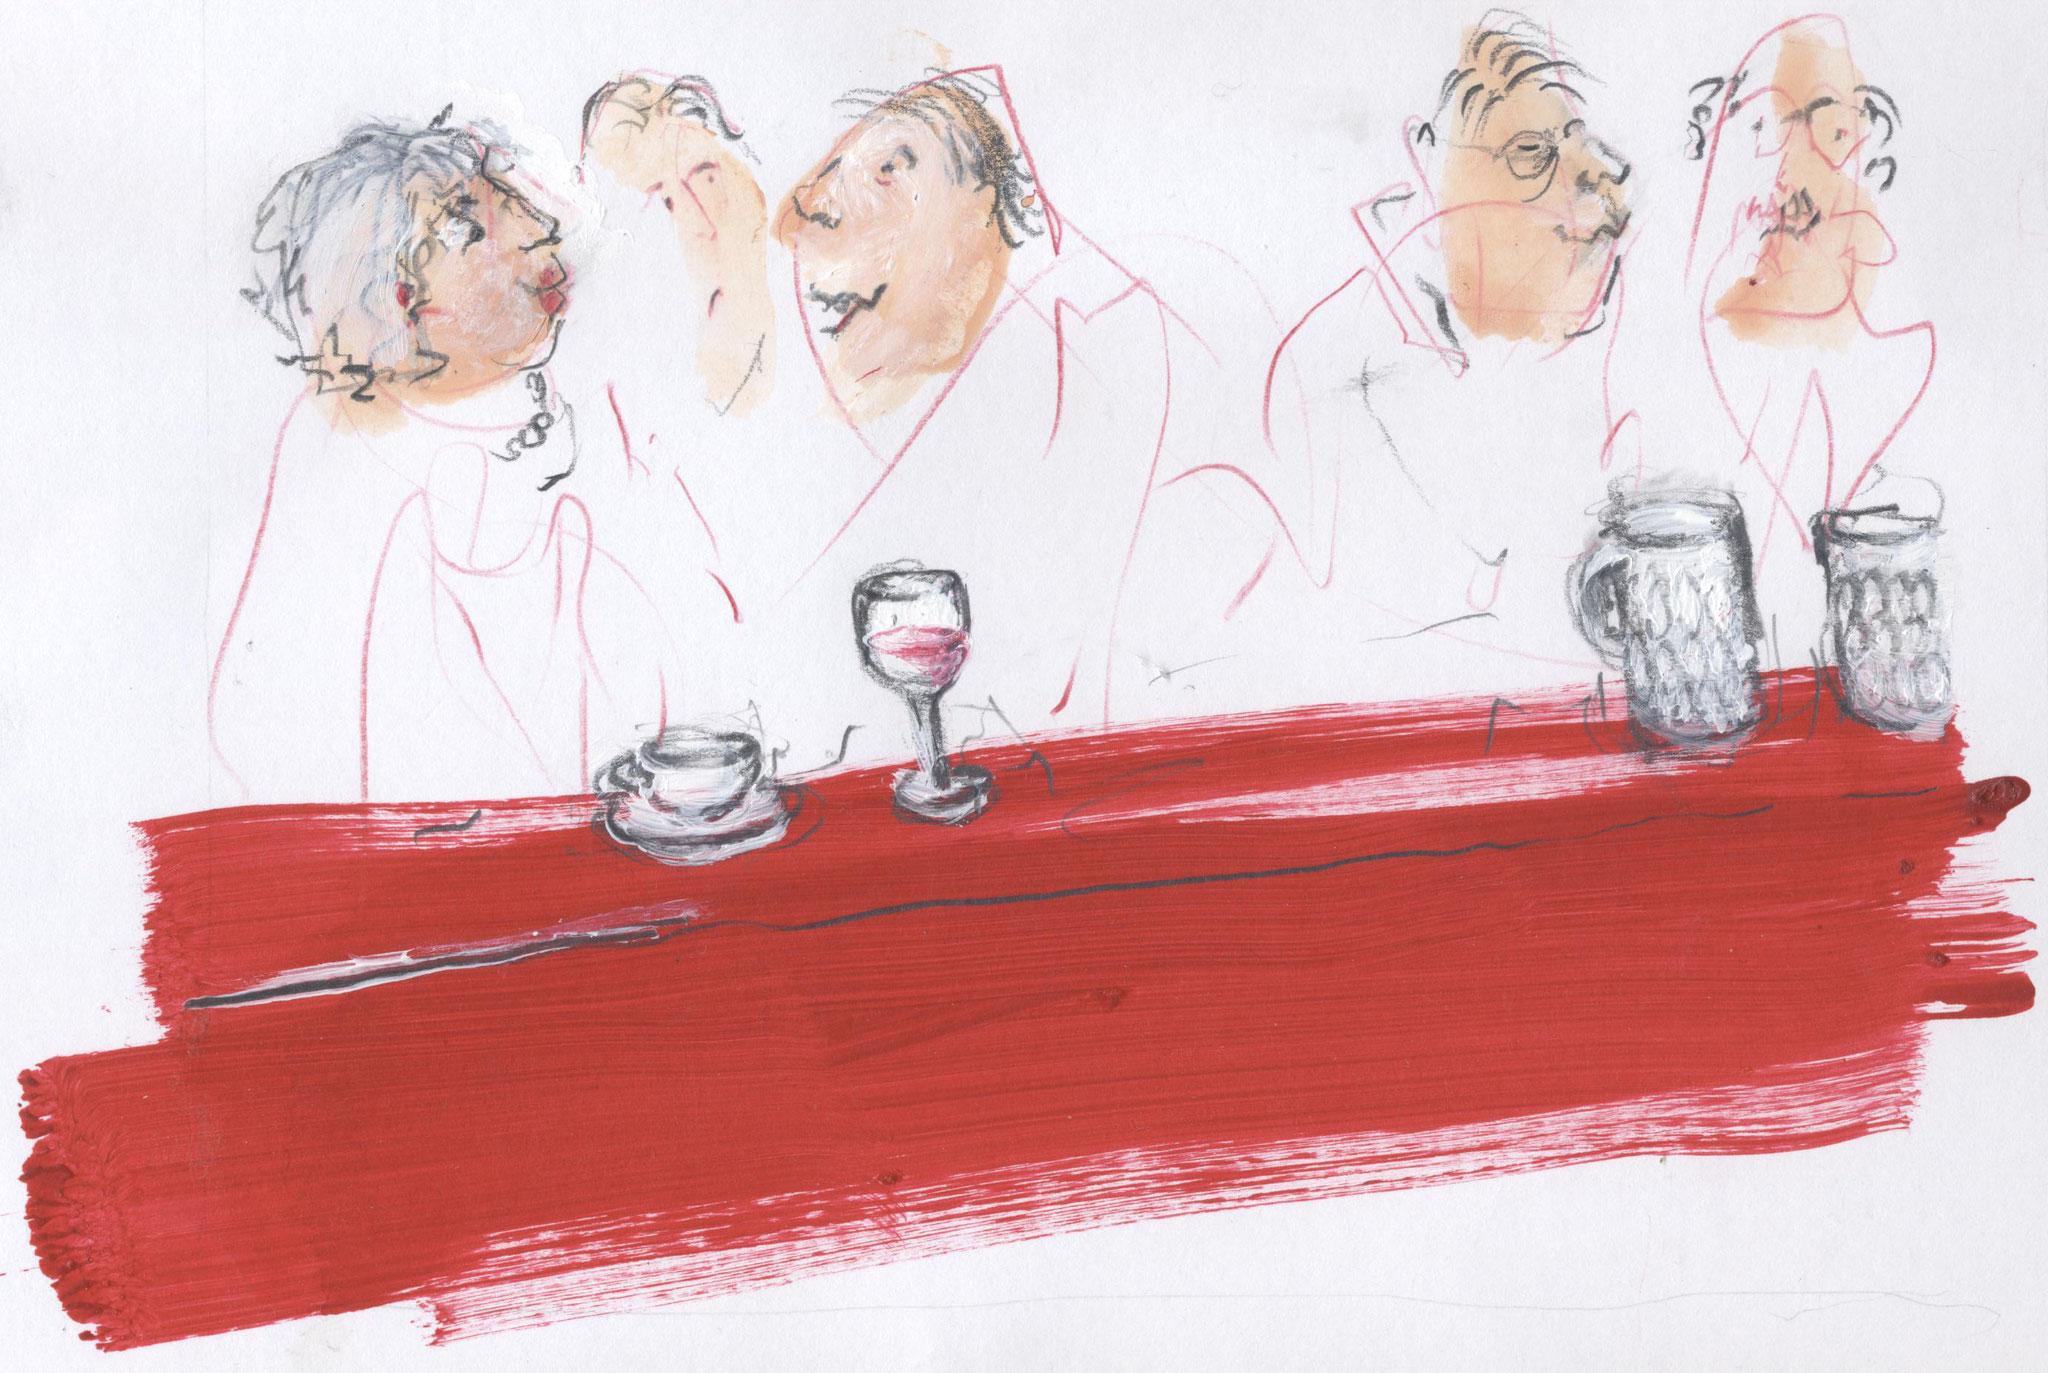 Bar rosso, Mischtechnik, 50 x 60 cm